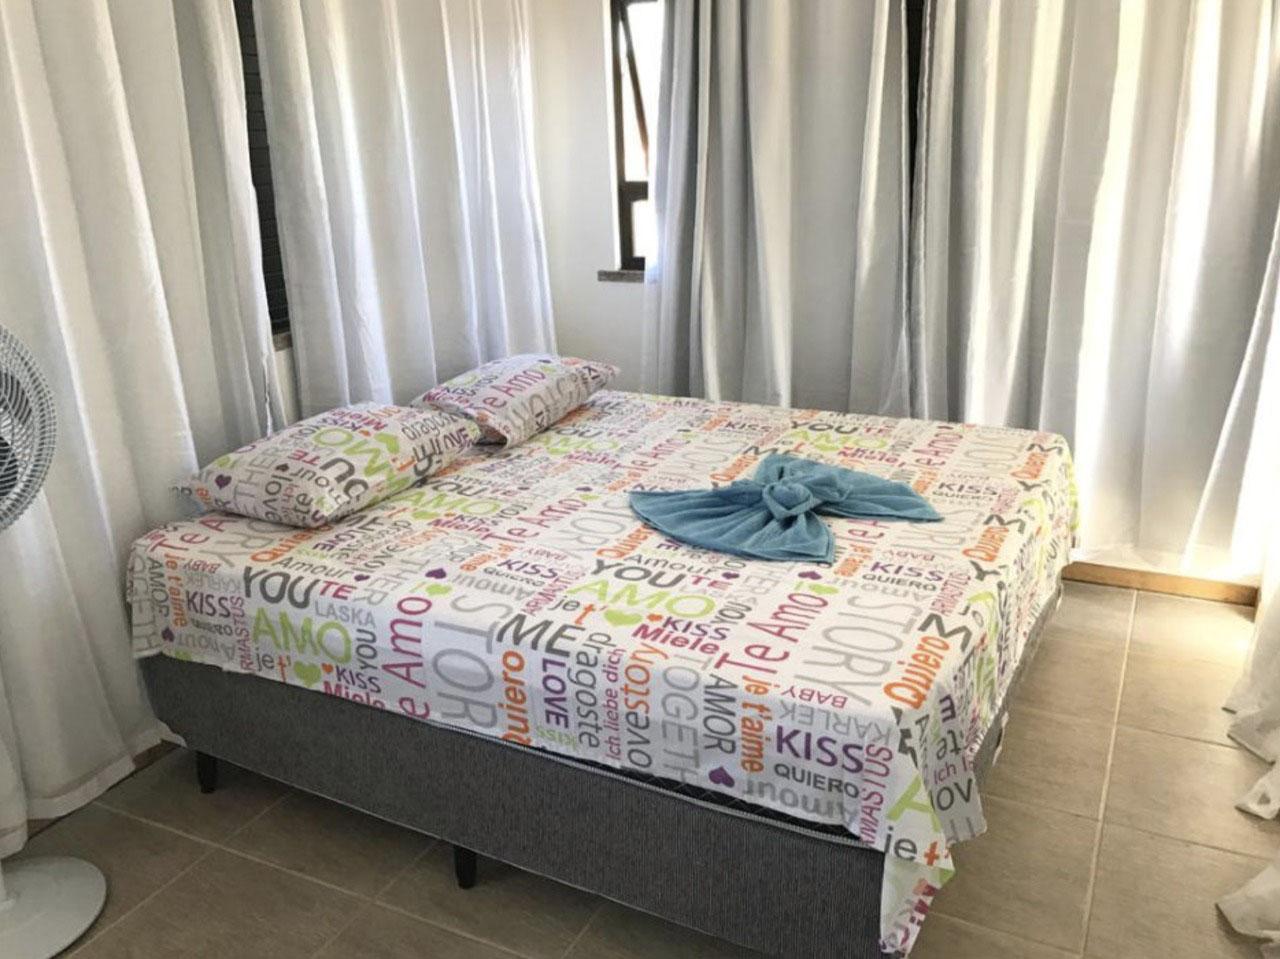 2 diárias em Flat para até 6 adultos e 3 crianças até 6 anos de R$920 por apenas R$685